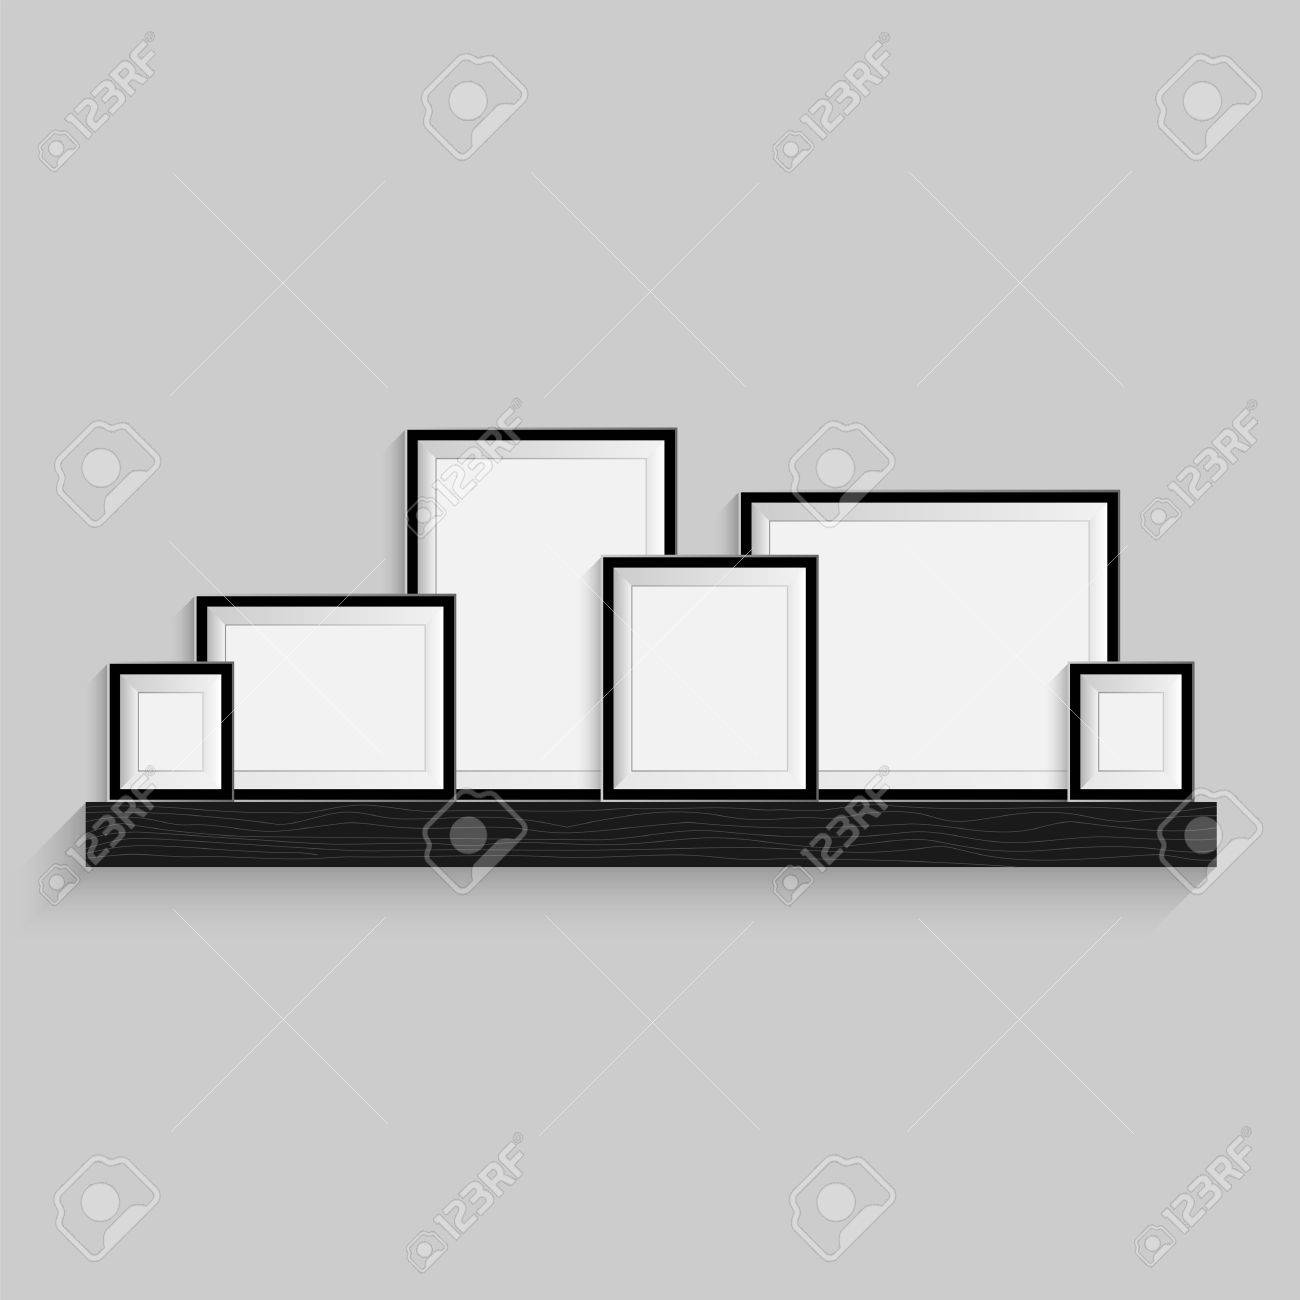 marcos para cuadros estn en el estante galera de arte de la foto aislada en